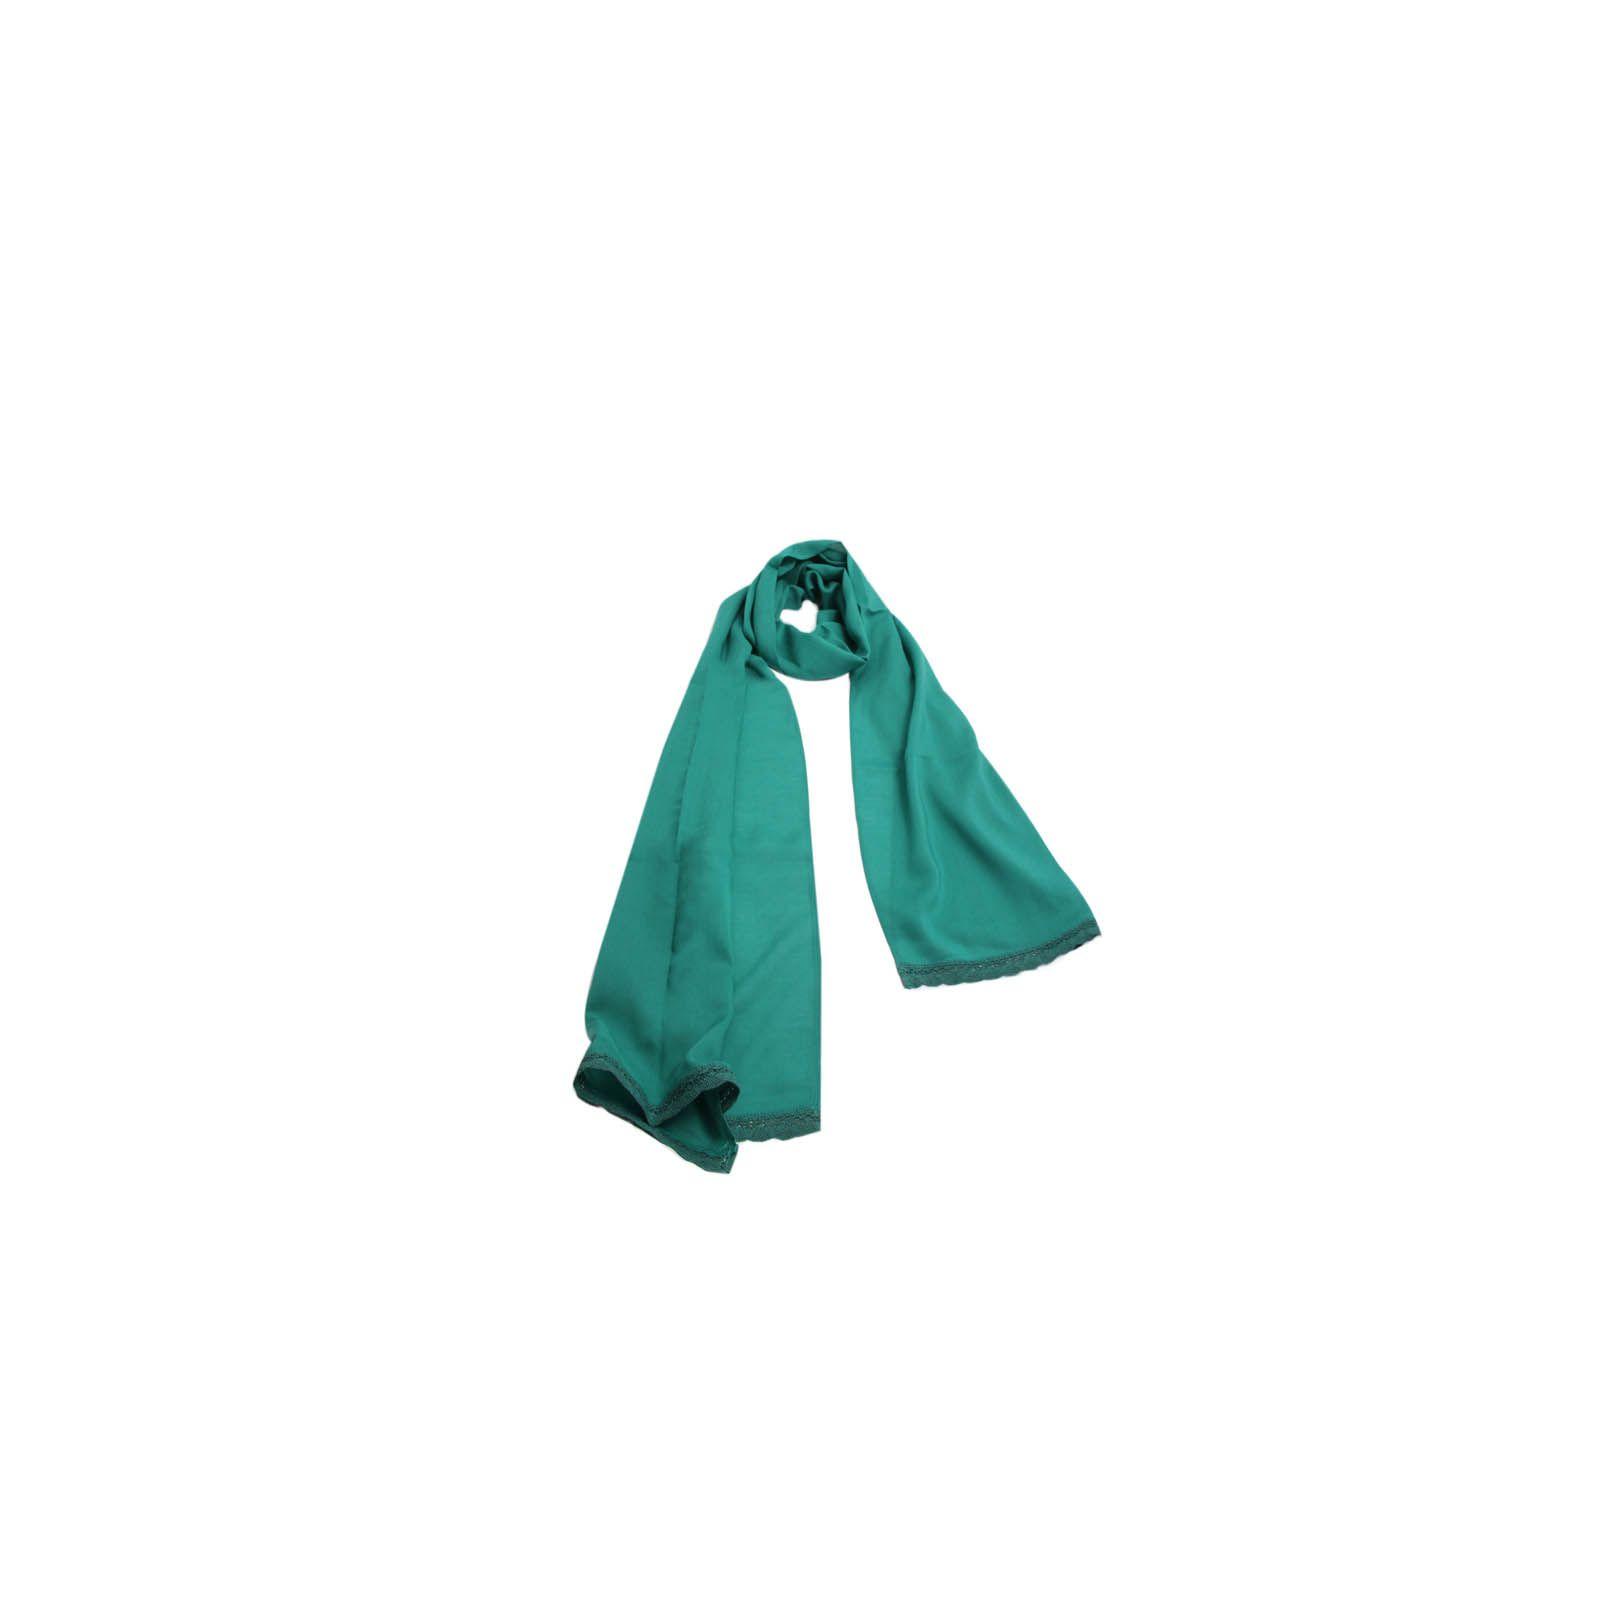 Echarpe Verde com Renda #echarpes #lenços #lenço #scarf #scarfs